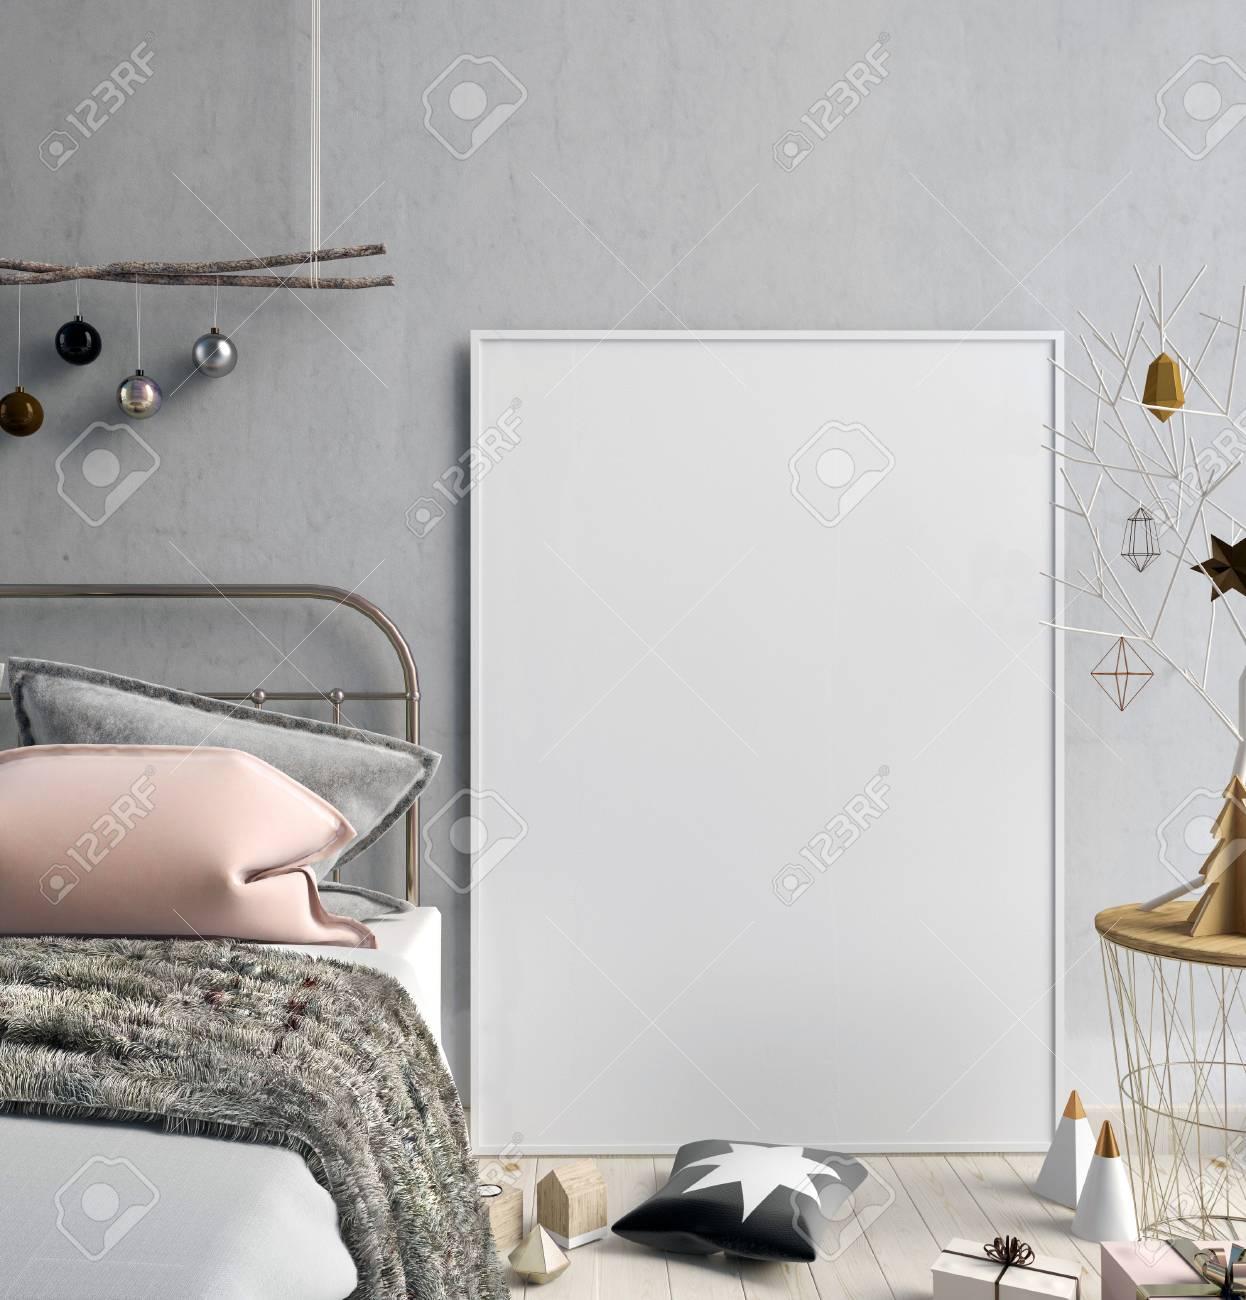 Banque Du0027images   Intérieur Moderne De Noël De La Chambre à Coucher, Style  Scandinave. Illustration 3D Affiche Maquette